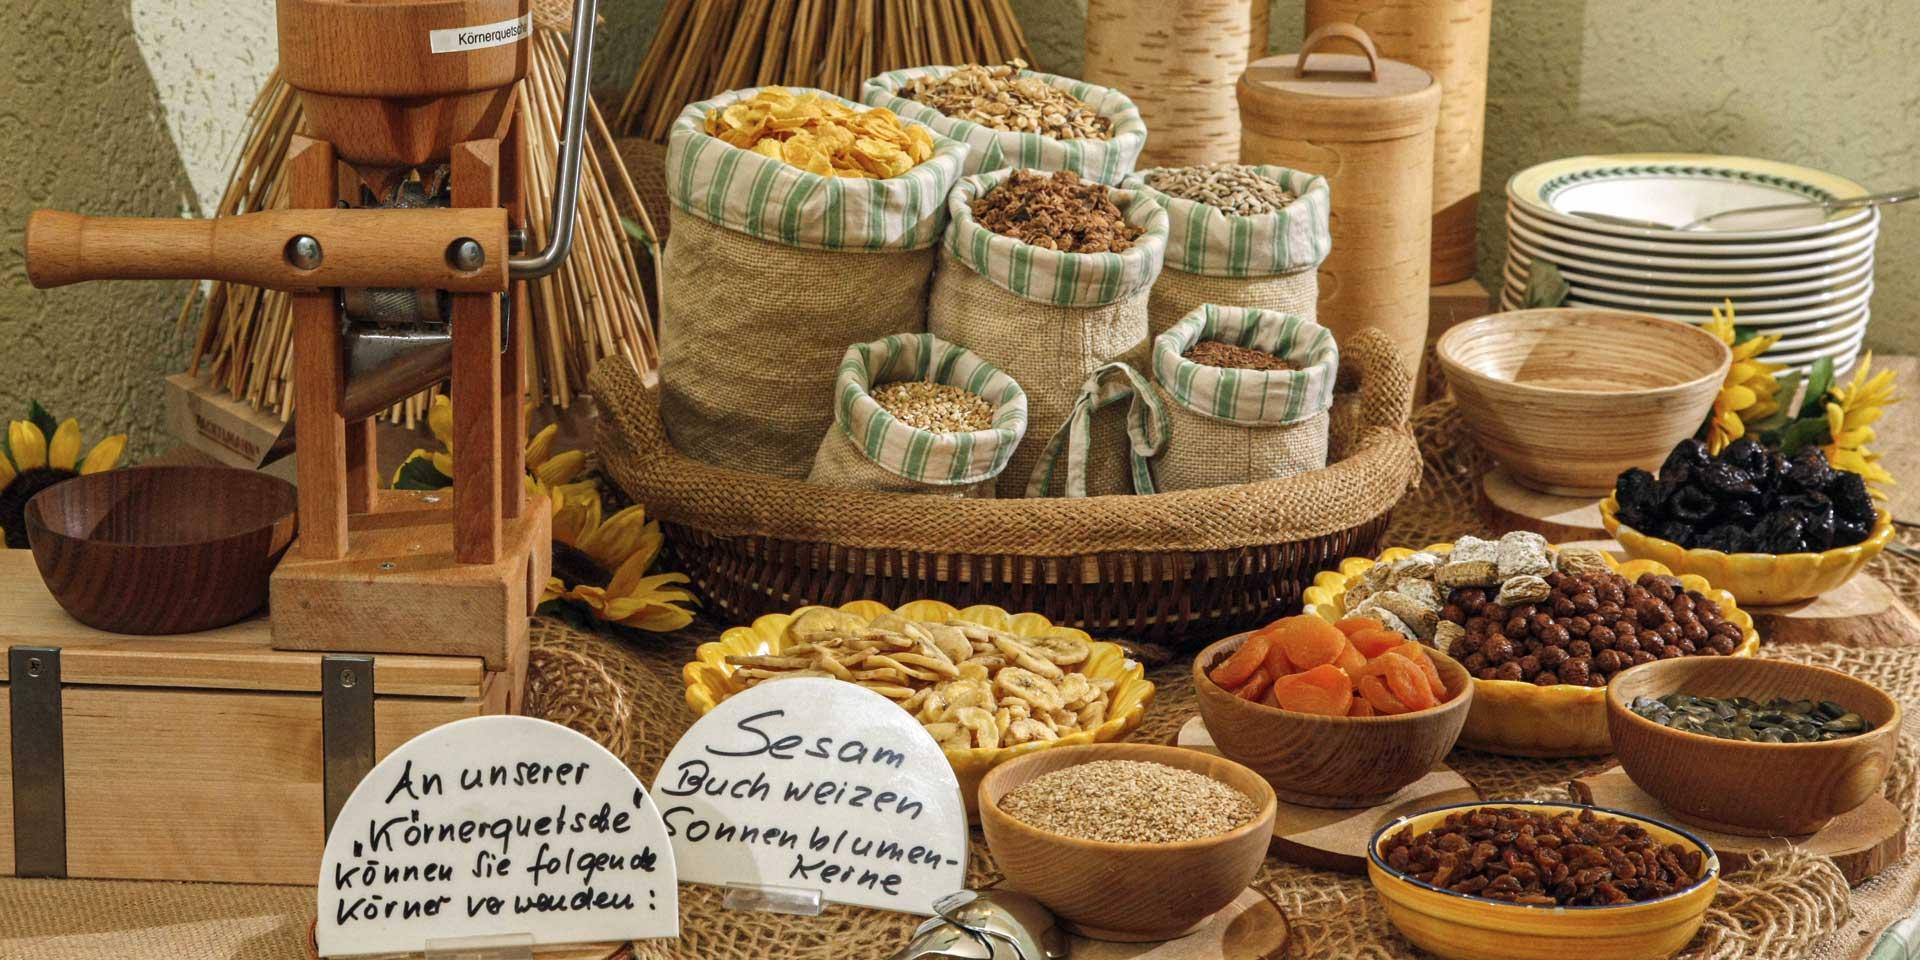 Breakfast buffet cereals